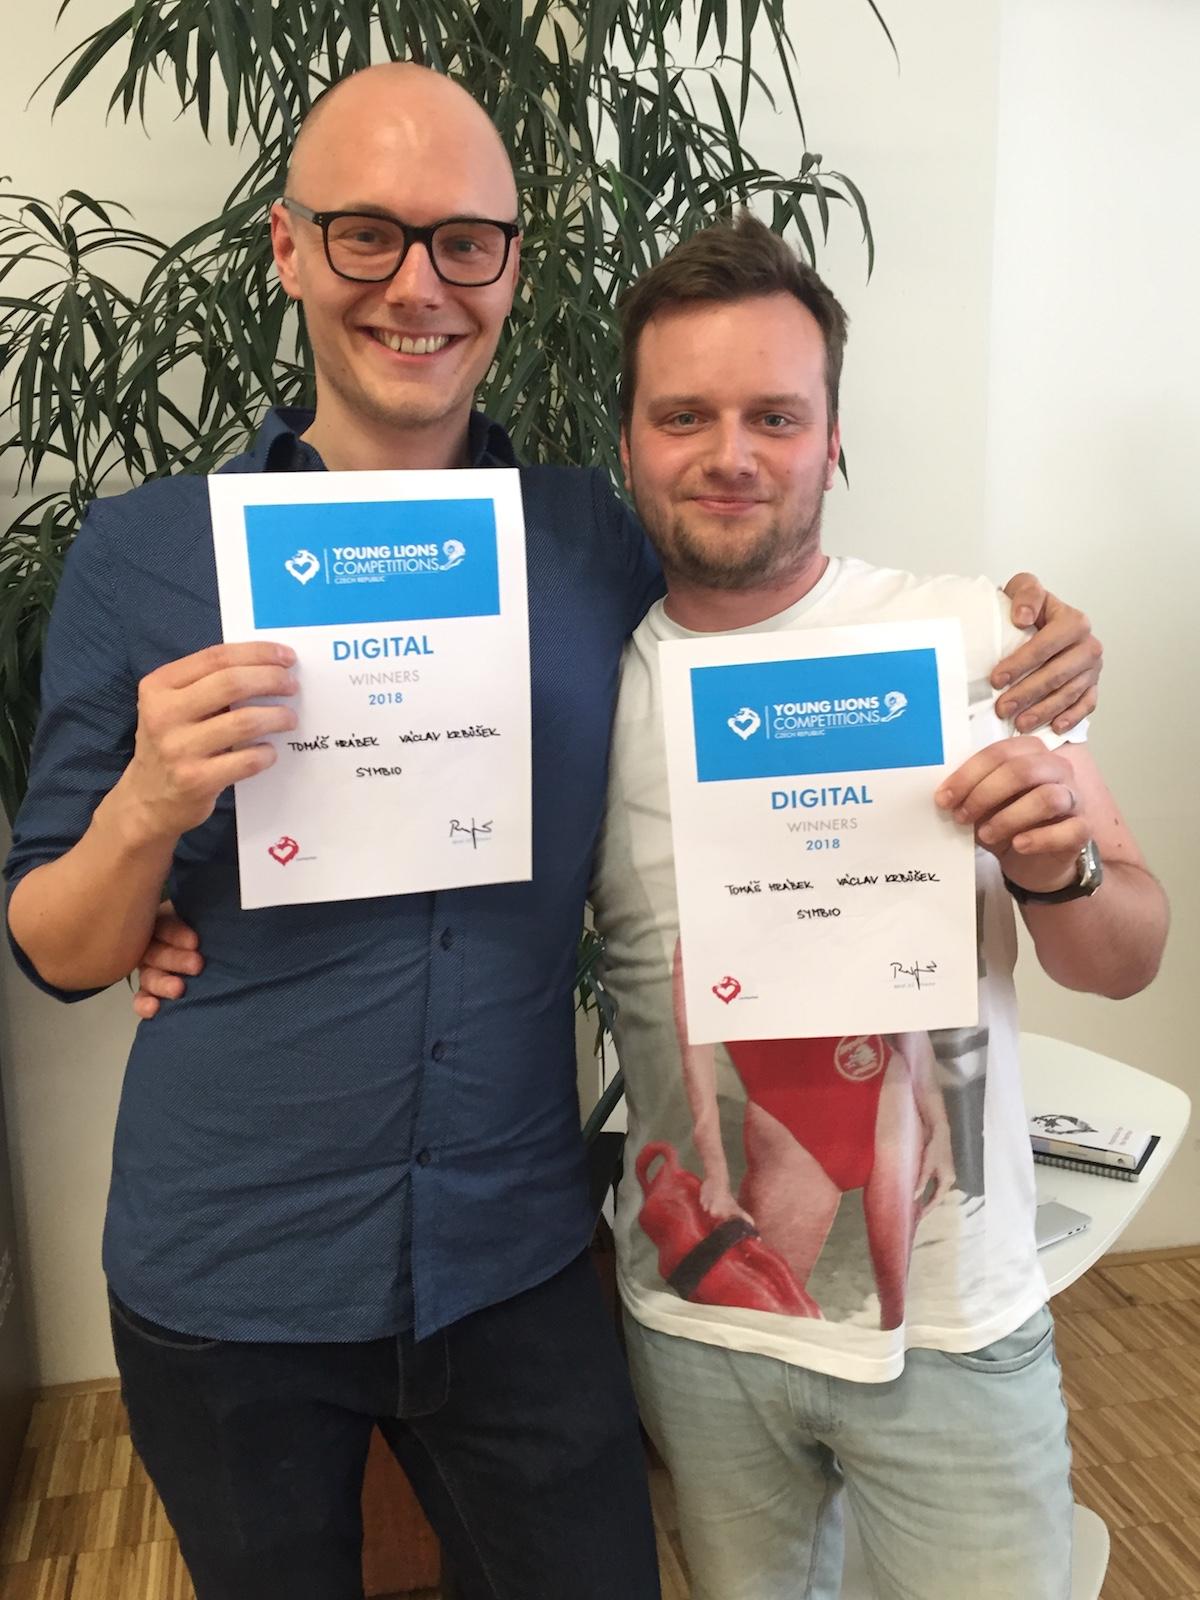 Vítězné duo ze Symbia